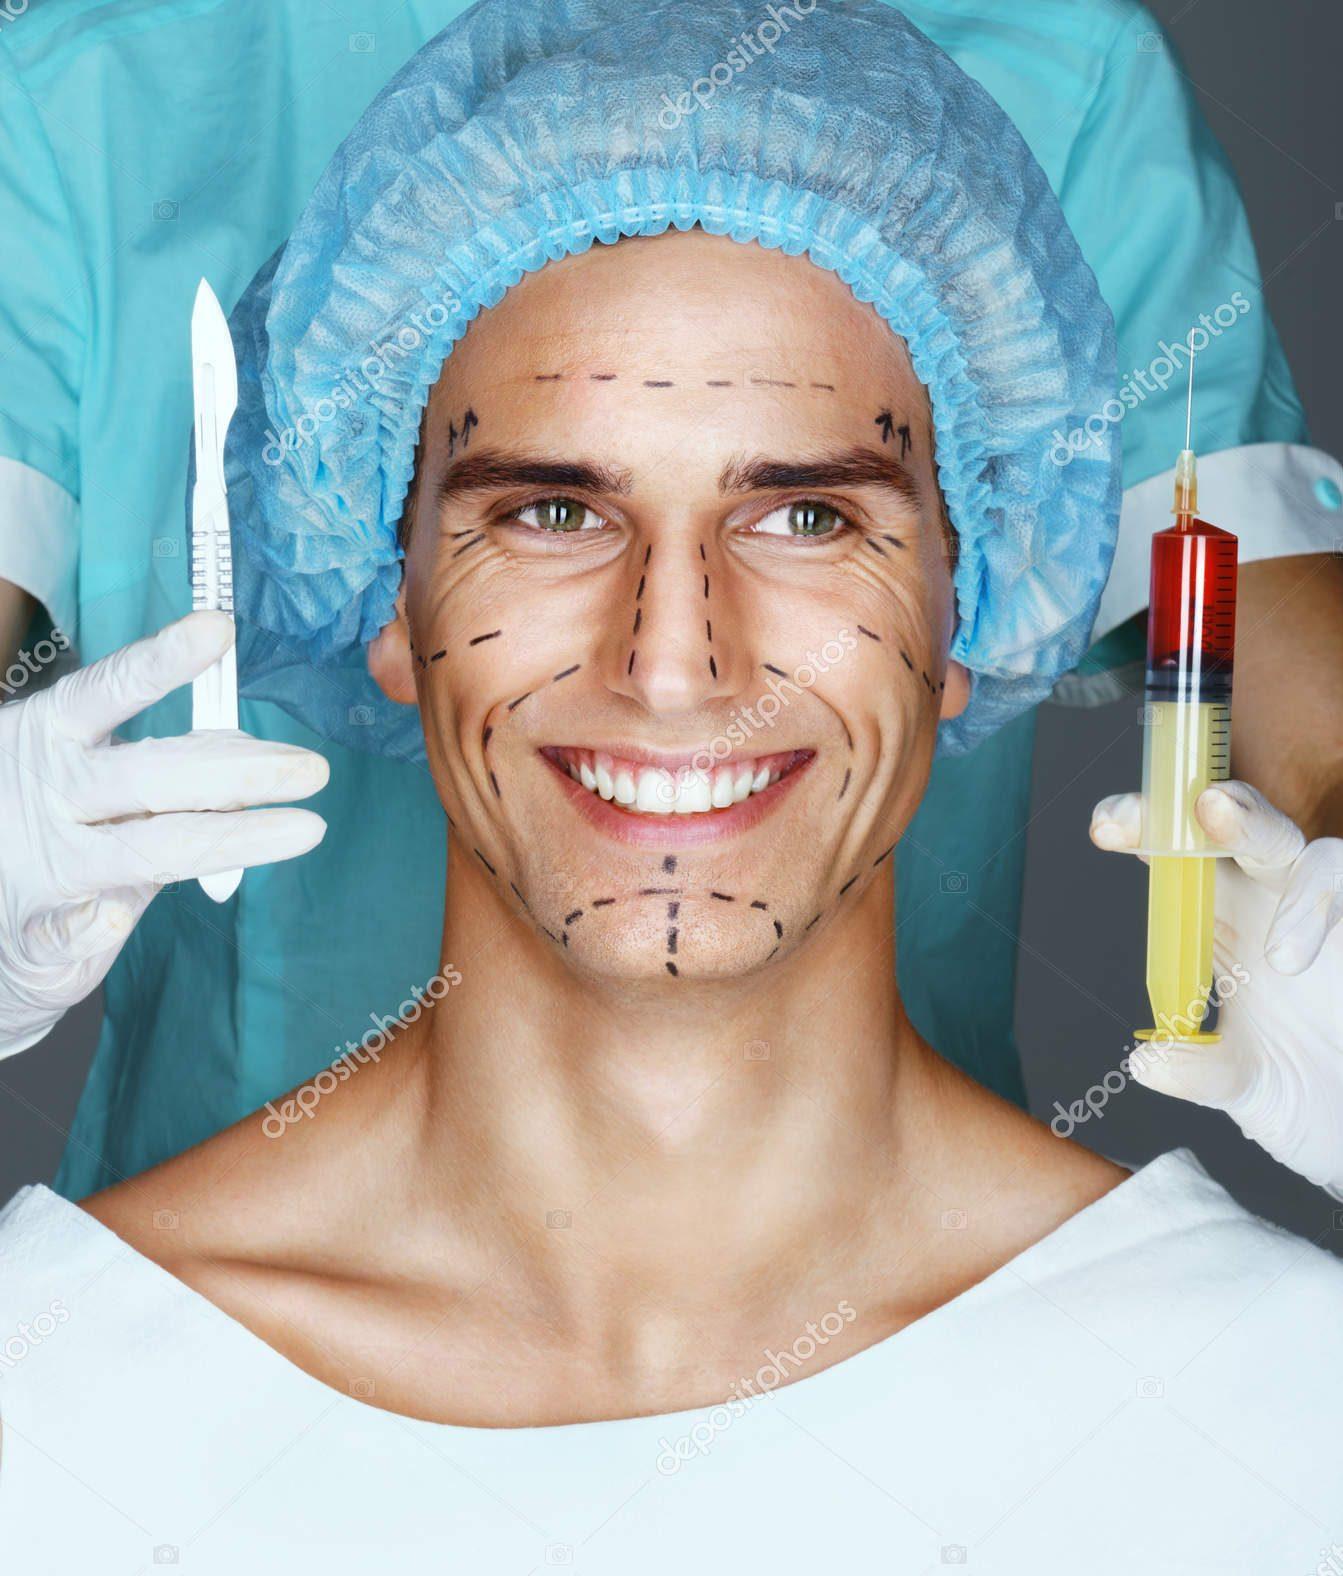 Chirurgie esthetique marseille homme